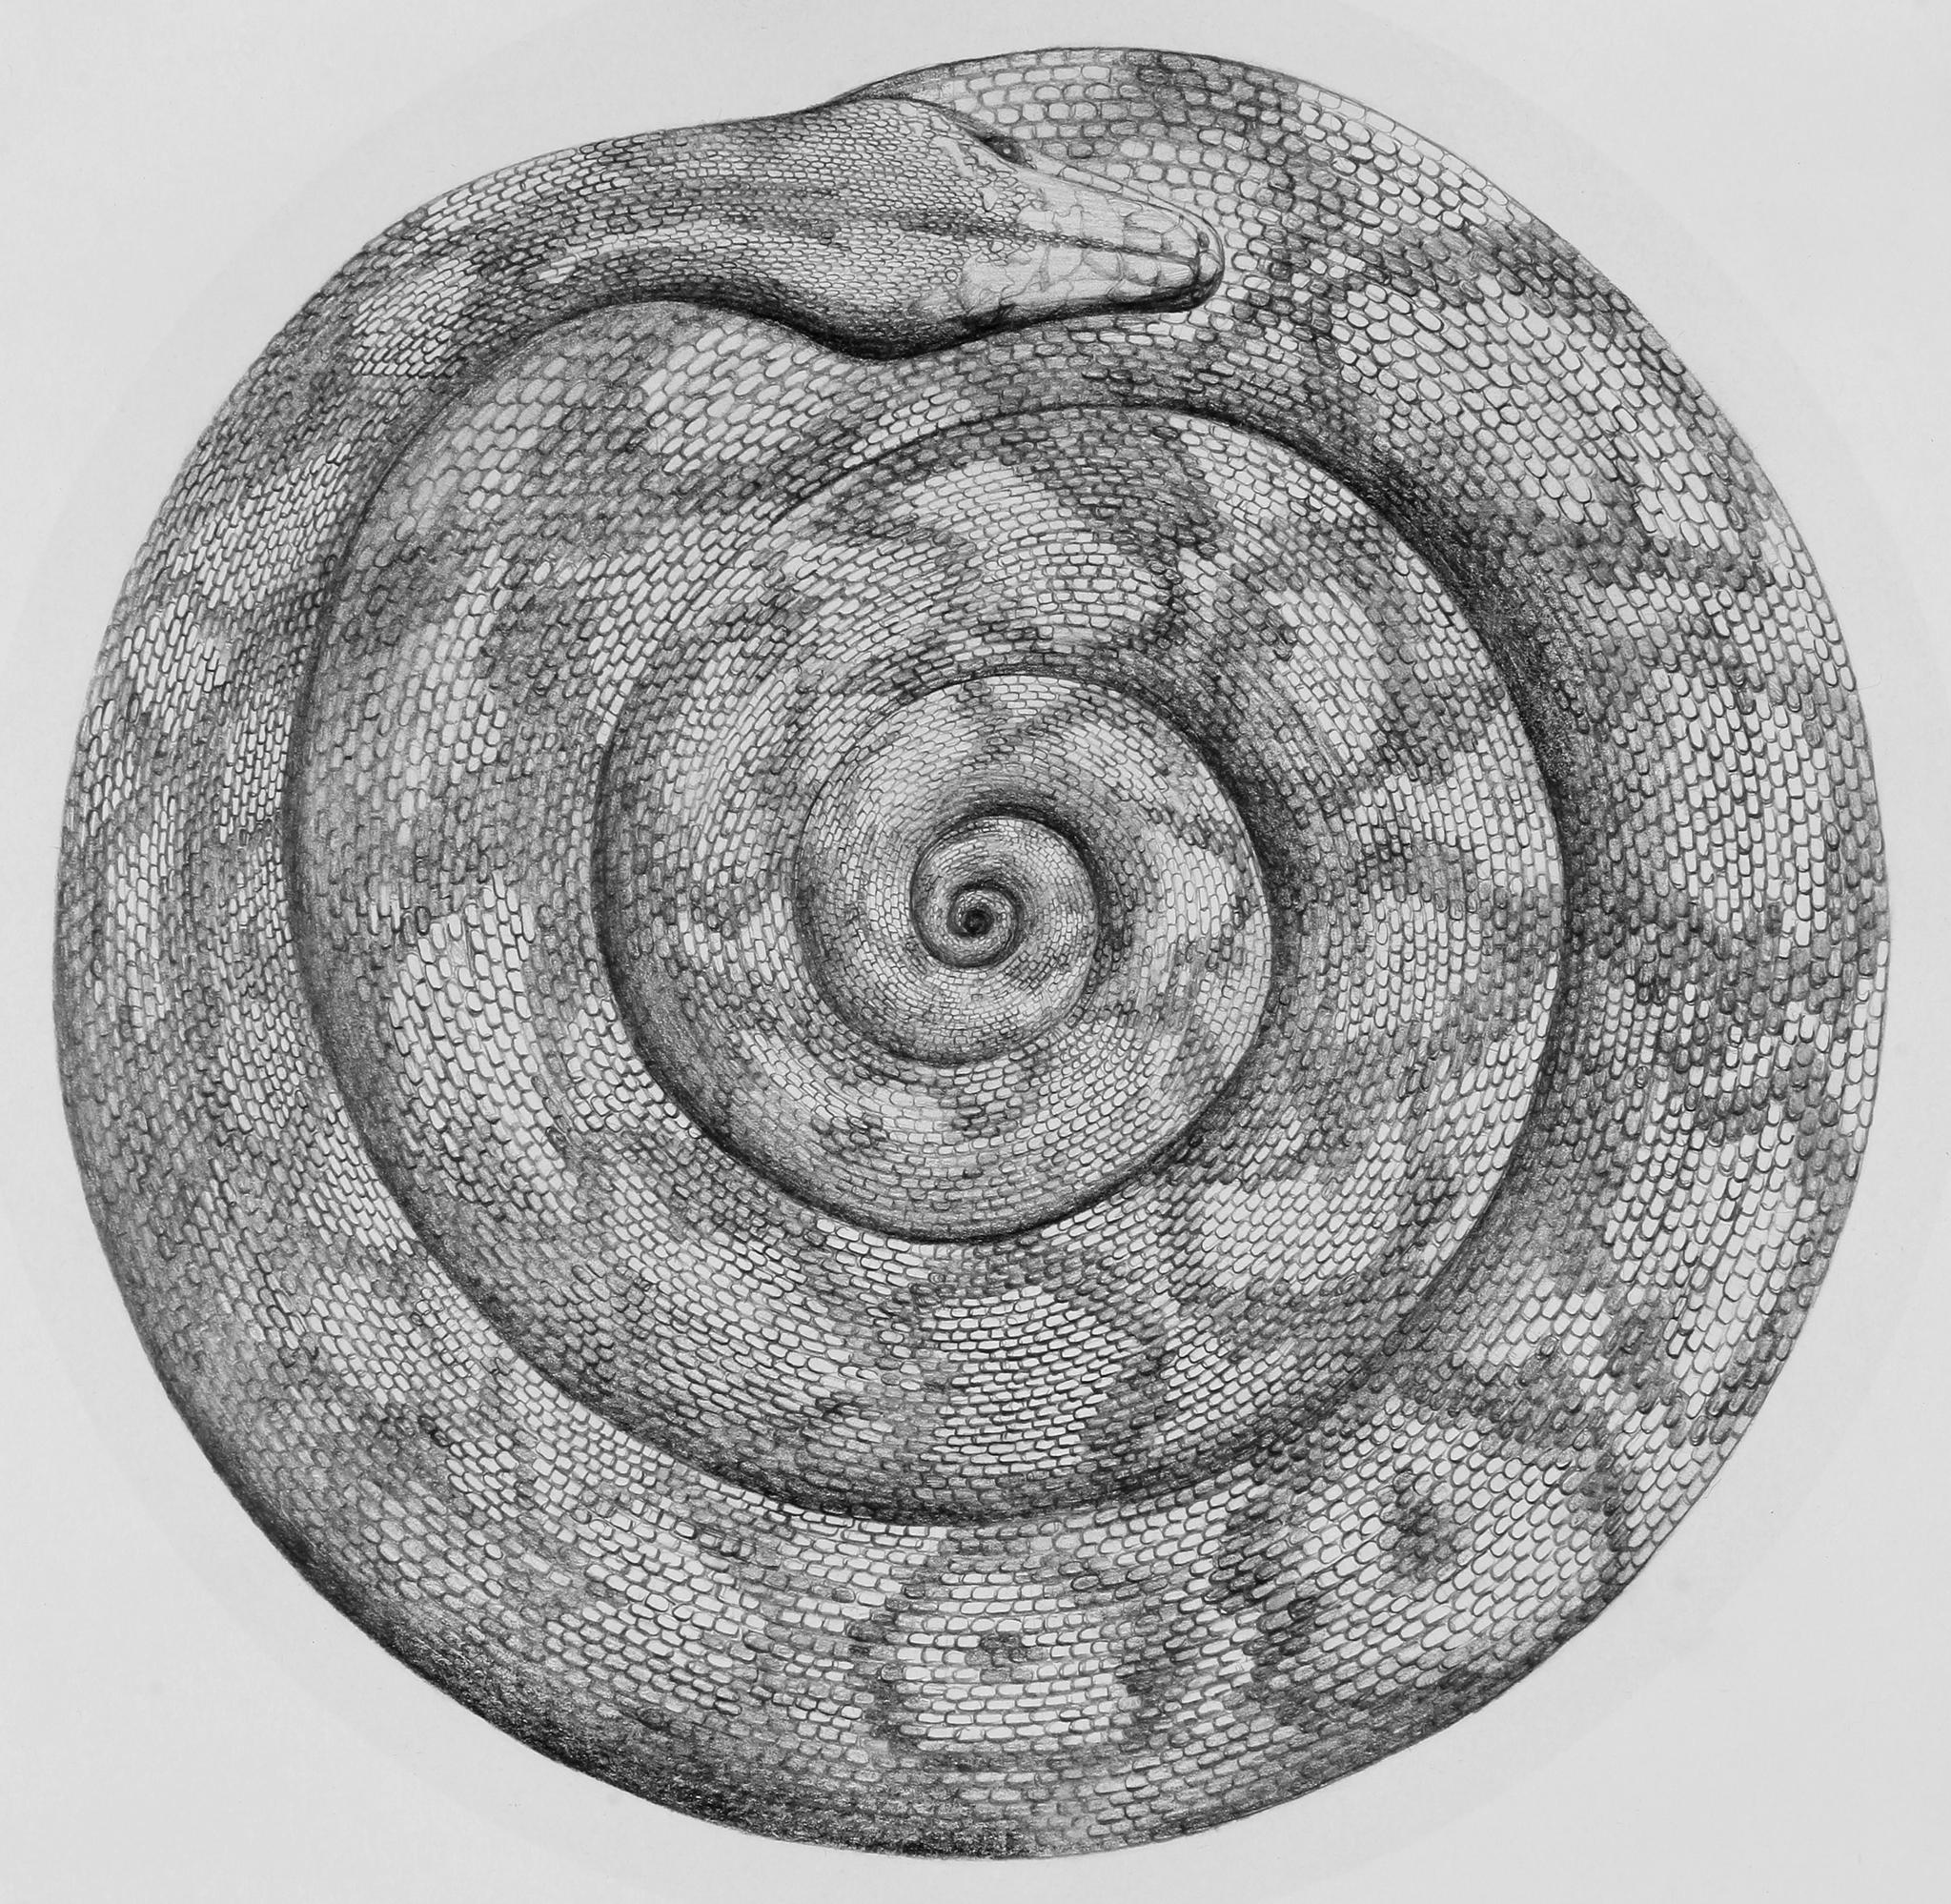 Mandala (drawing)